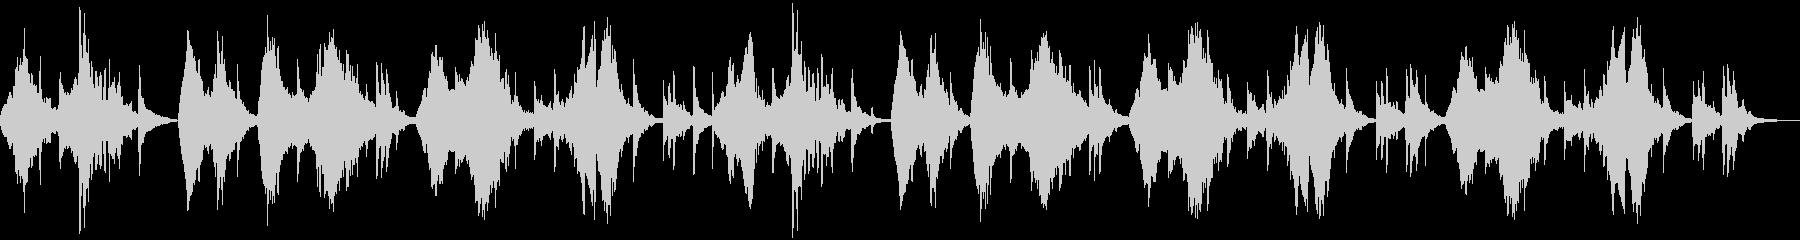 二胡と琵琶による古風な中国風のBGMですの未再生の波形